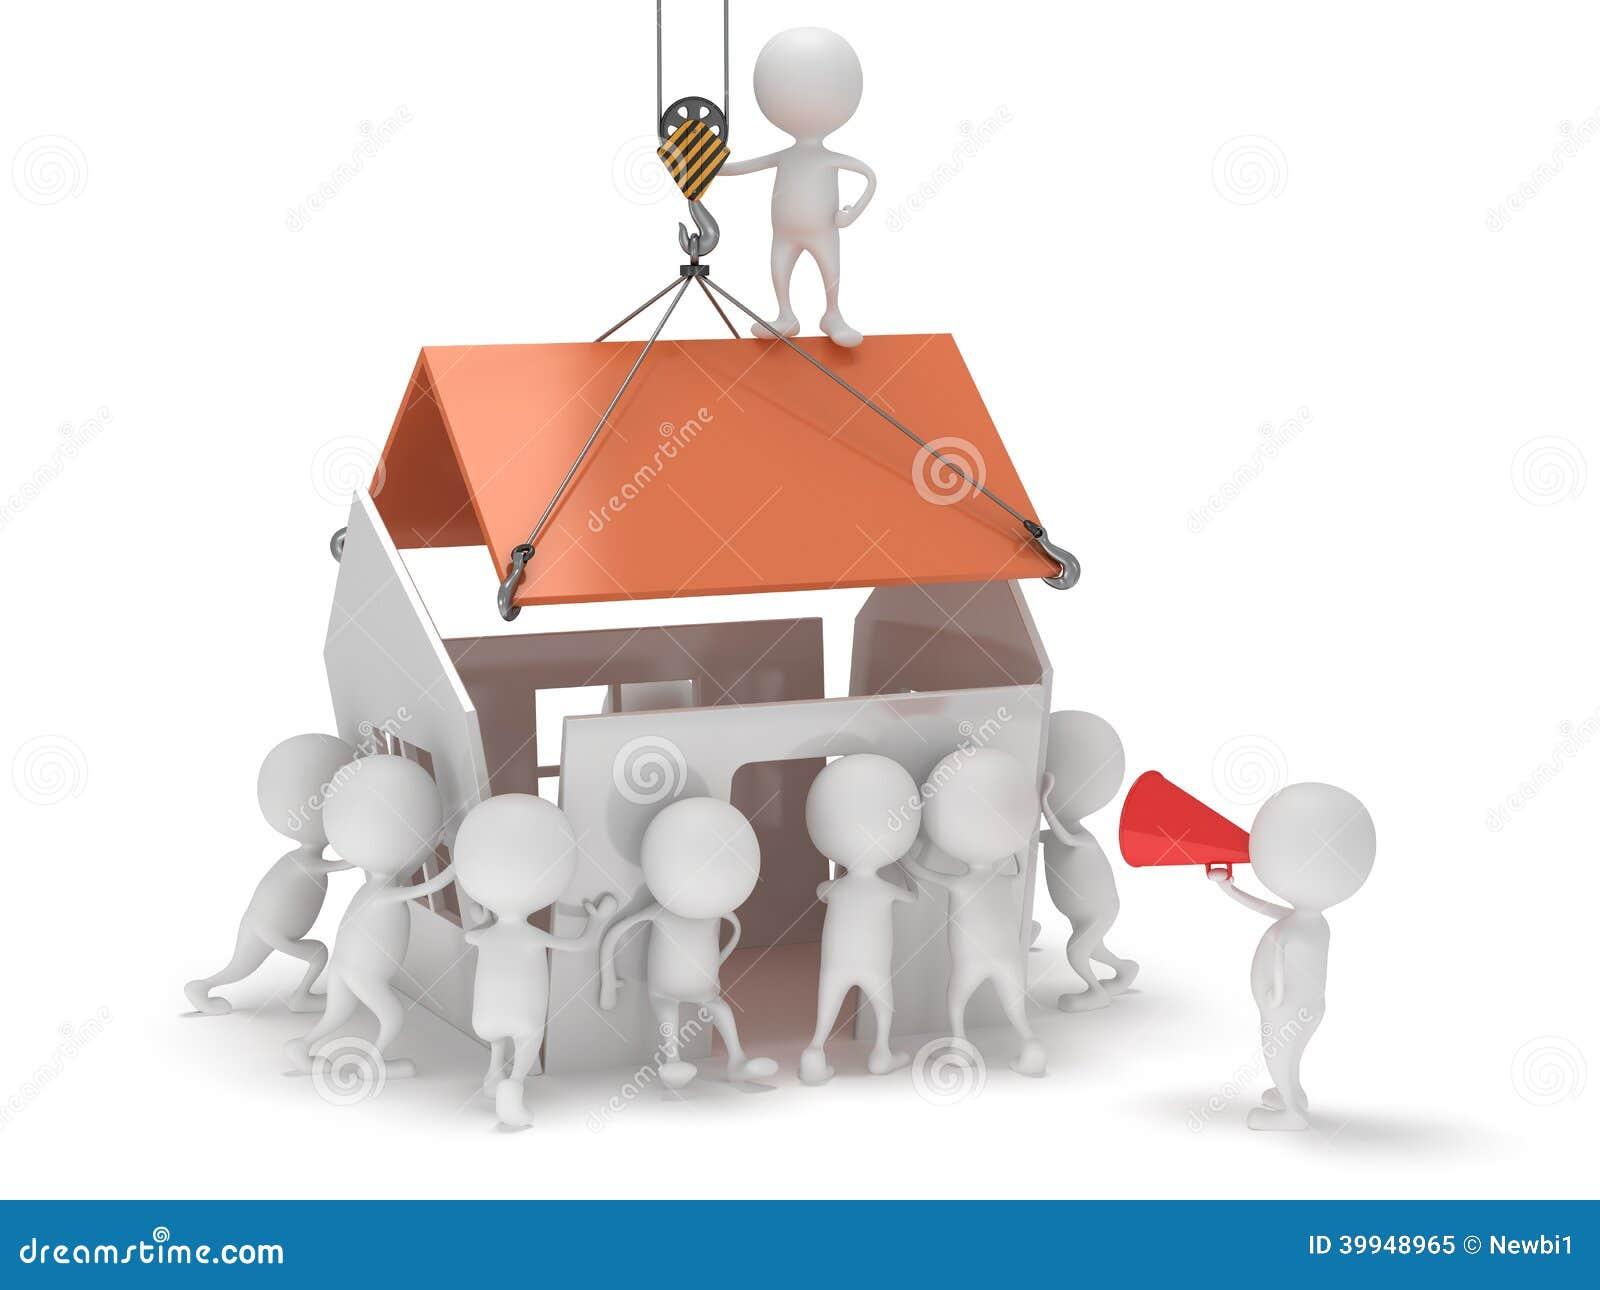 Leute 3D bauen ein Haus stock abbildung. Illustration von führer ...